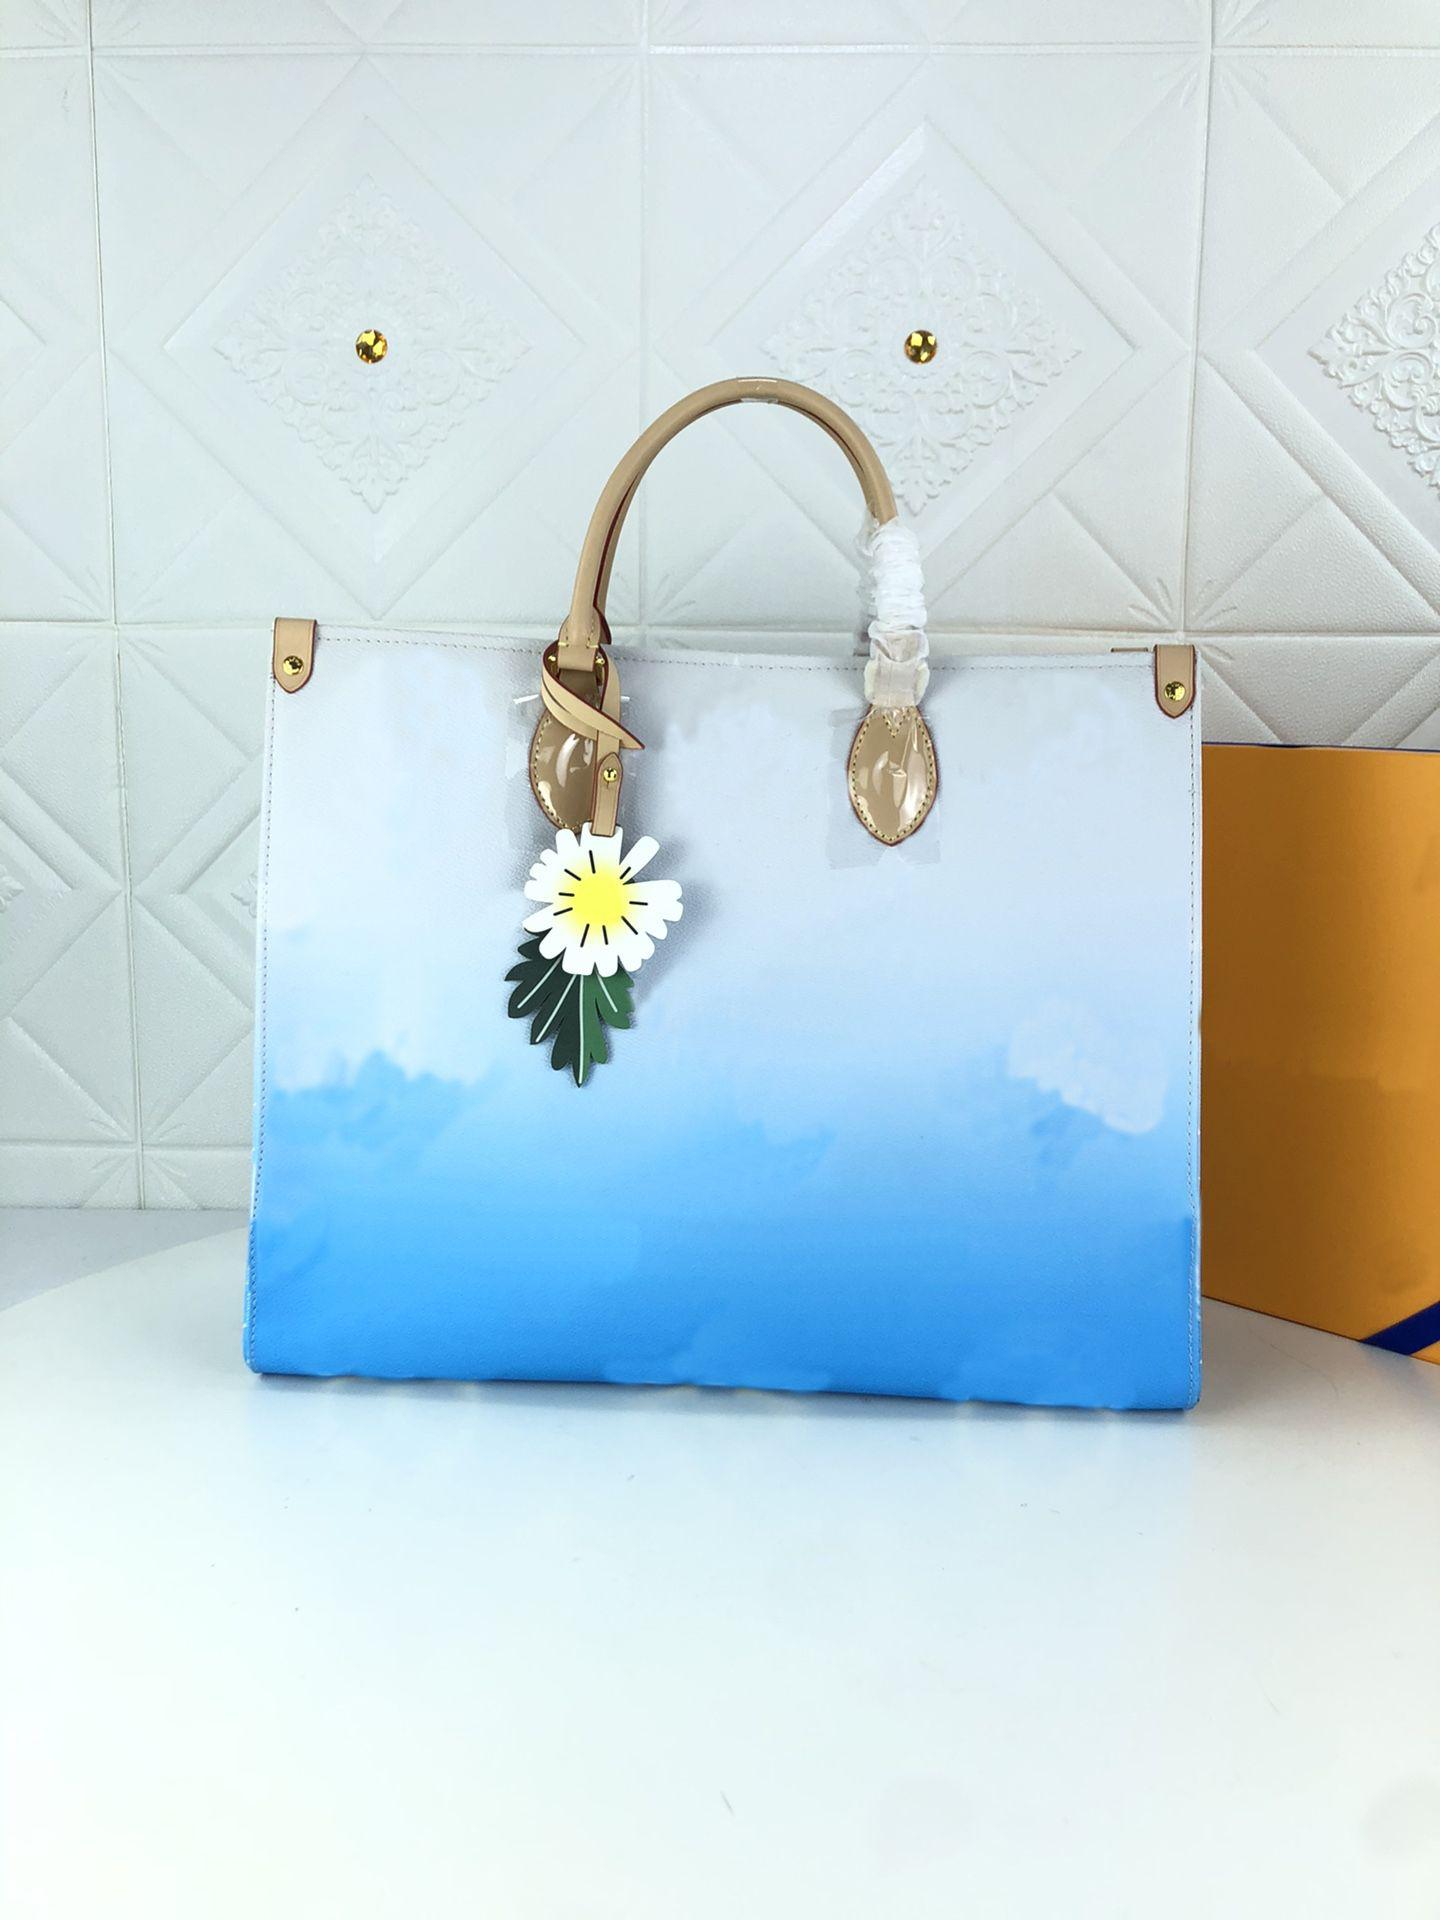 M57640 M57641 M57639 Ontego GM sacolas Accessorized com um charme de flor de couro colorido pela saco de piscina Womens Lidar com alças de ombro Senhoras Bolsa de negócios